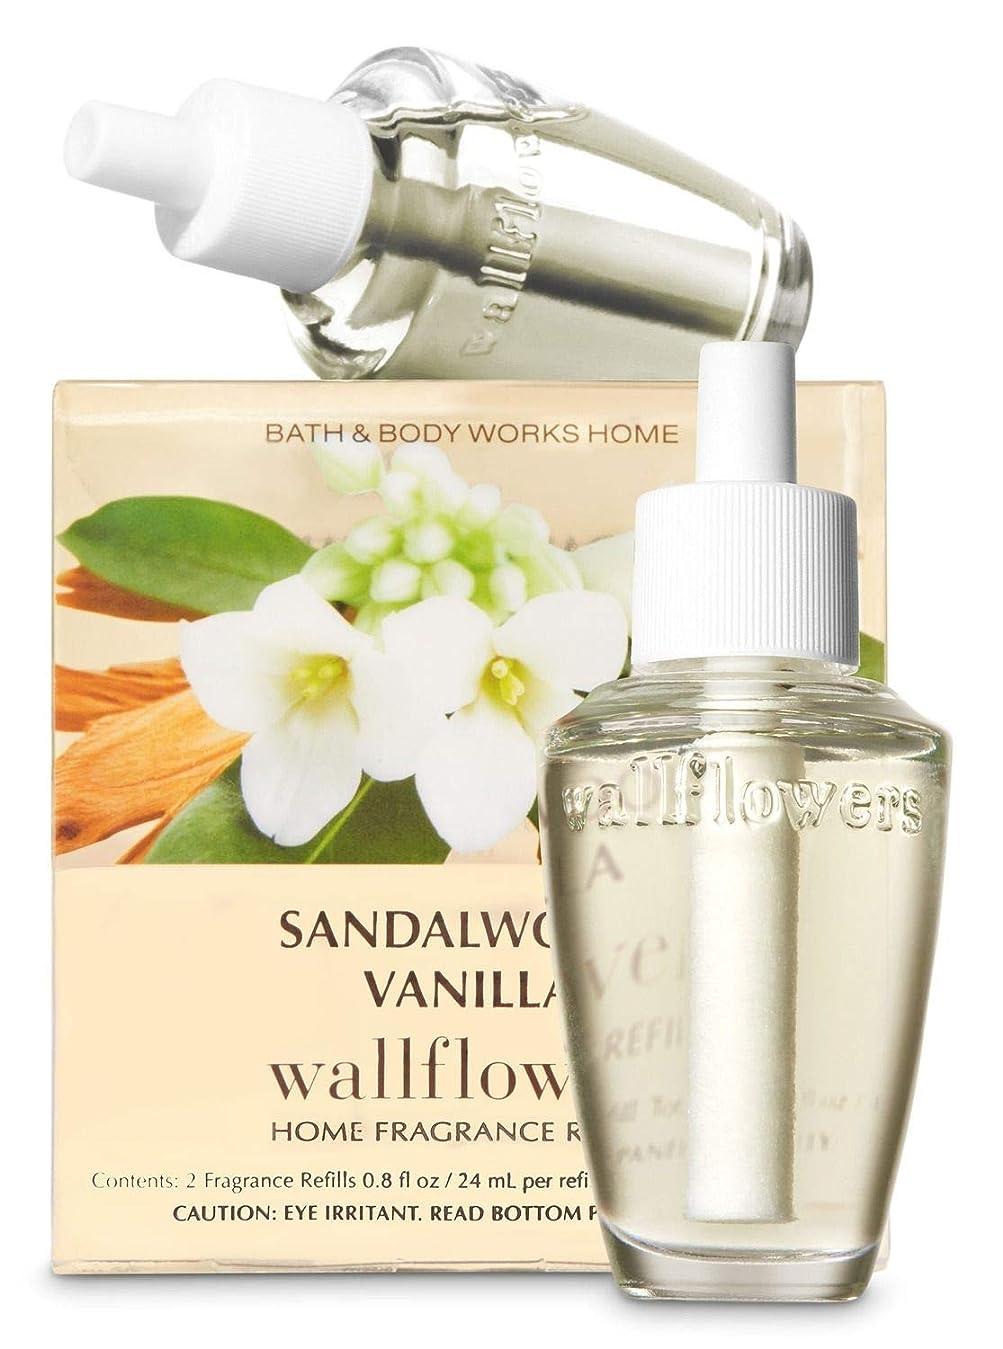 ホテル自分を引き上げるラビリンス【Bath&Body Works/バス&ボディワークス】 ルームフレグランス 詰替えリフィル(2個入り) サンダルウッドバニラ Wallflowers Home Fragrance 2-Pack Refills Sandalwood Vanilla [並行輸入品]